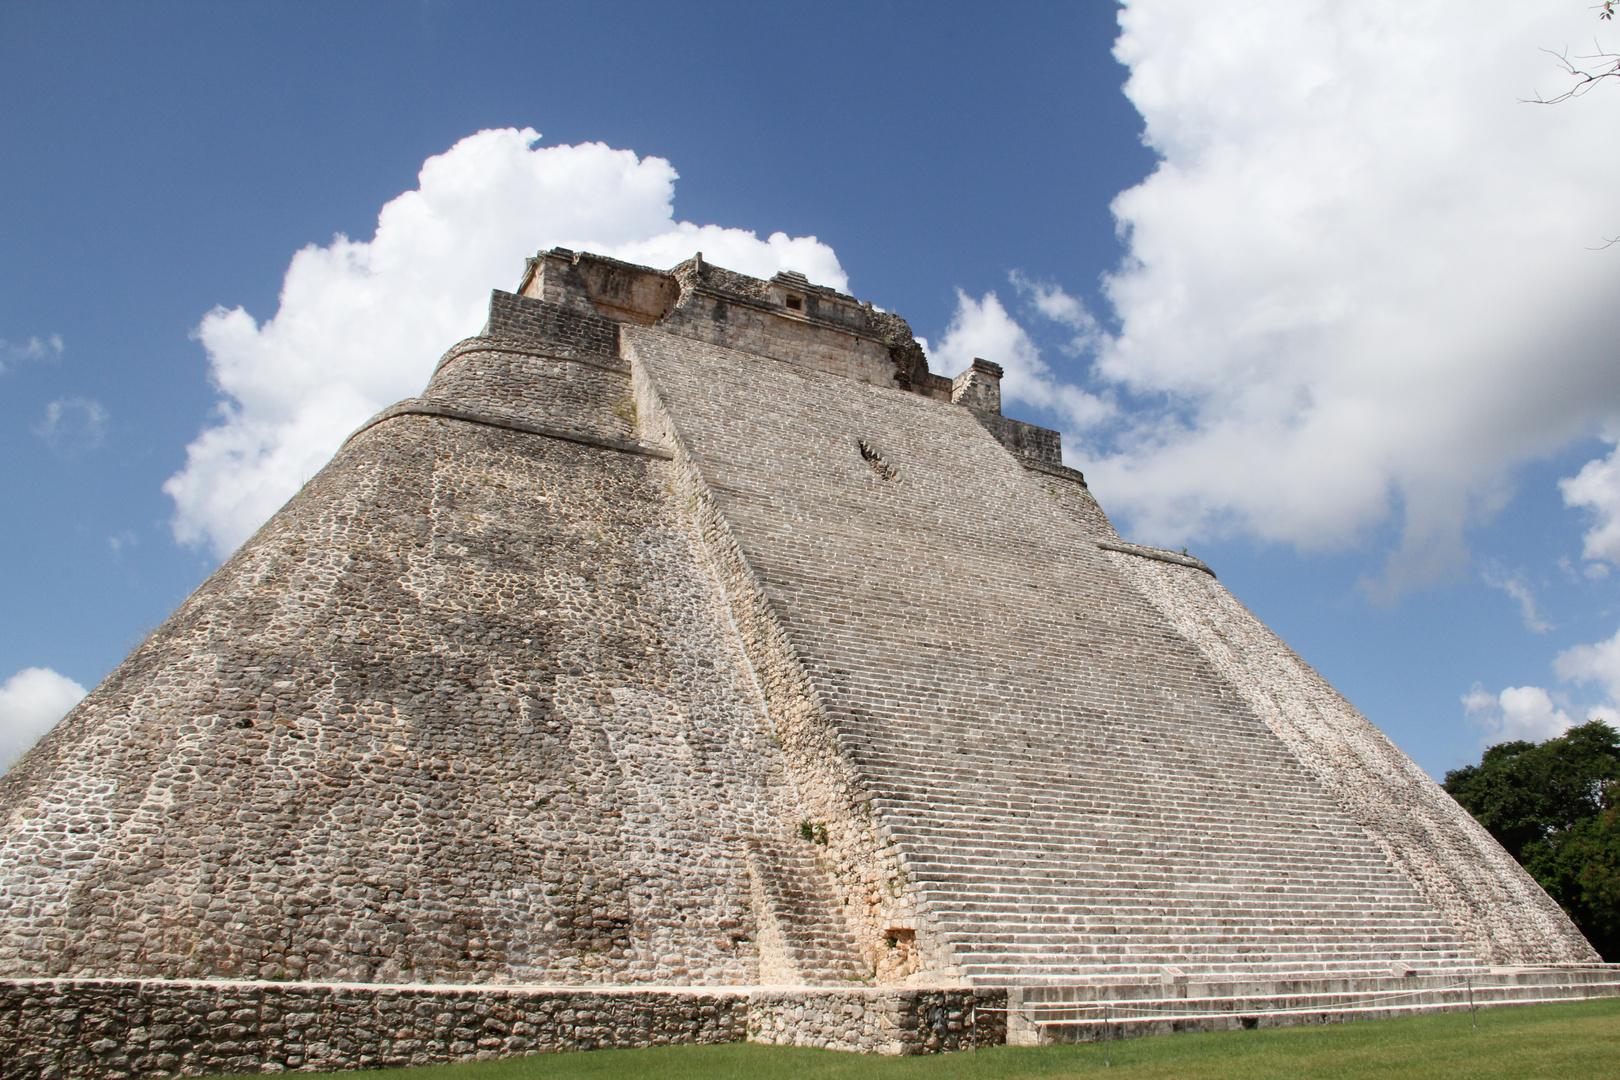 La Pirámide del Adivino, en Uxmal.